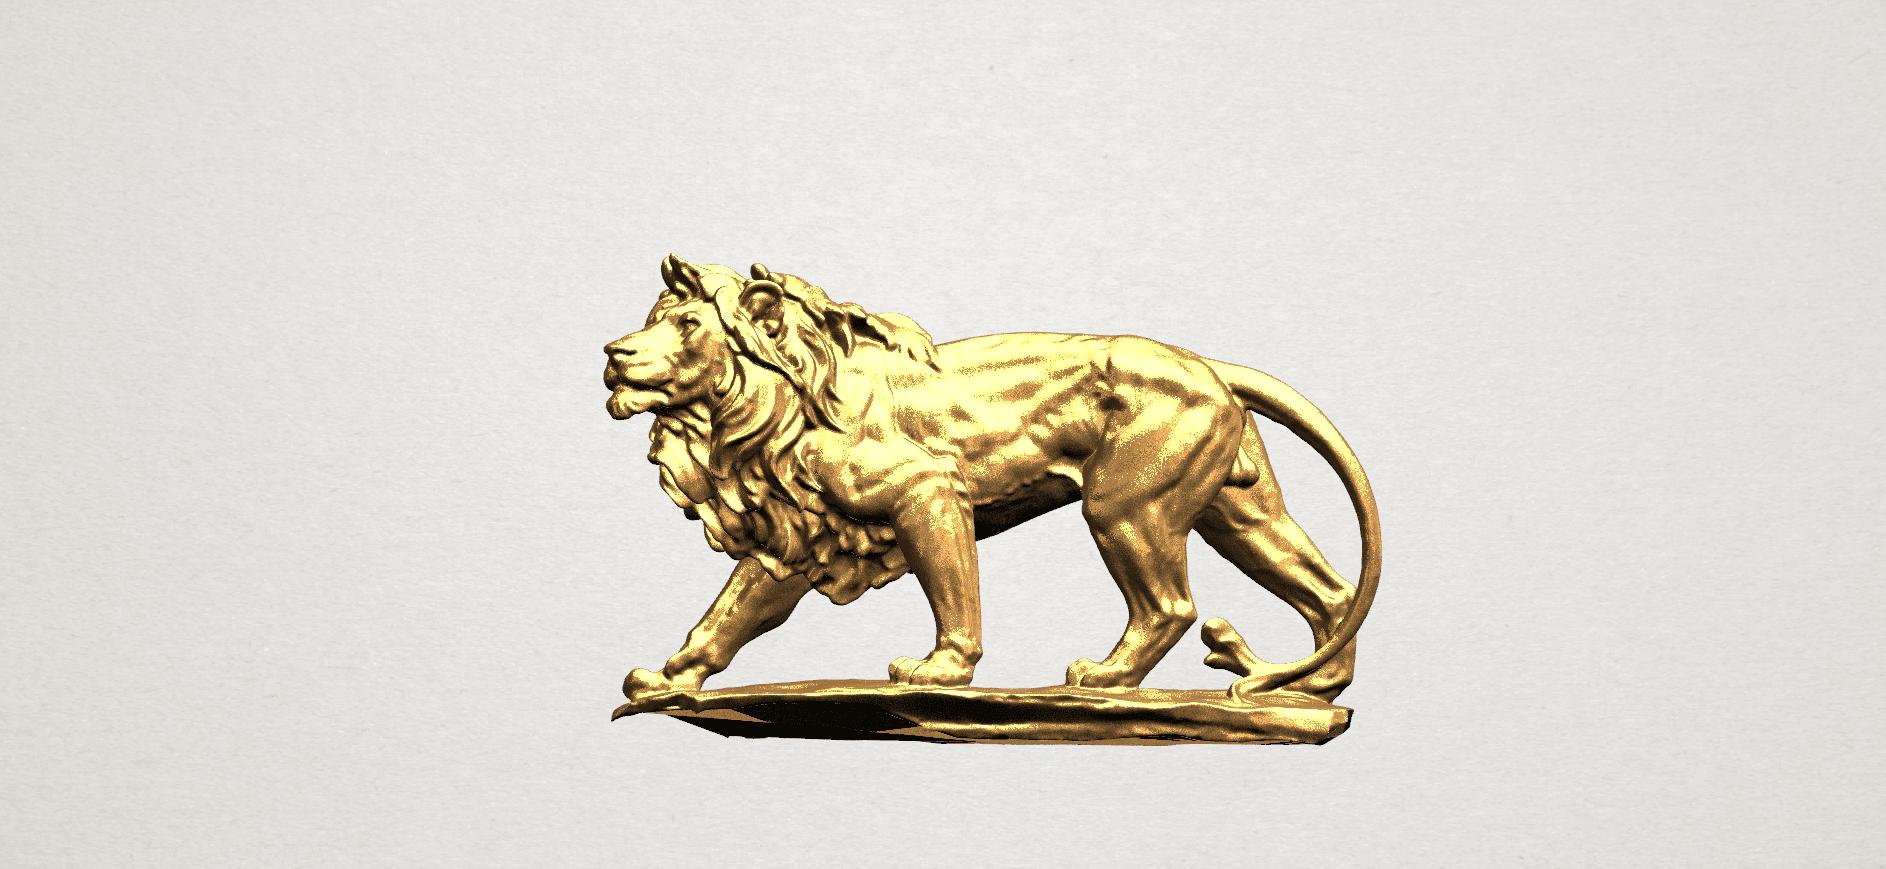 Lion (ii) -50mm-B01.png Télécharger fichier STL gratuit Lion 02 • Design pour impression 3D, GeorgesNikkei